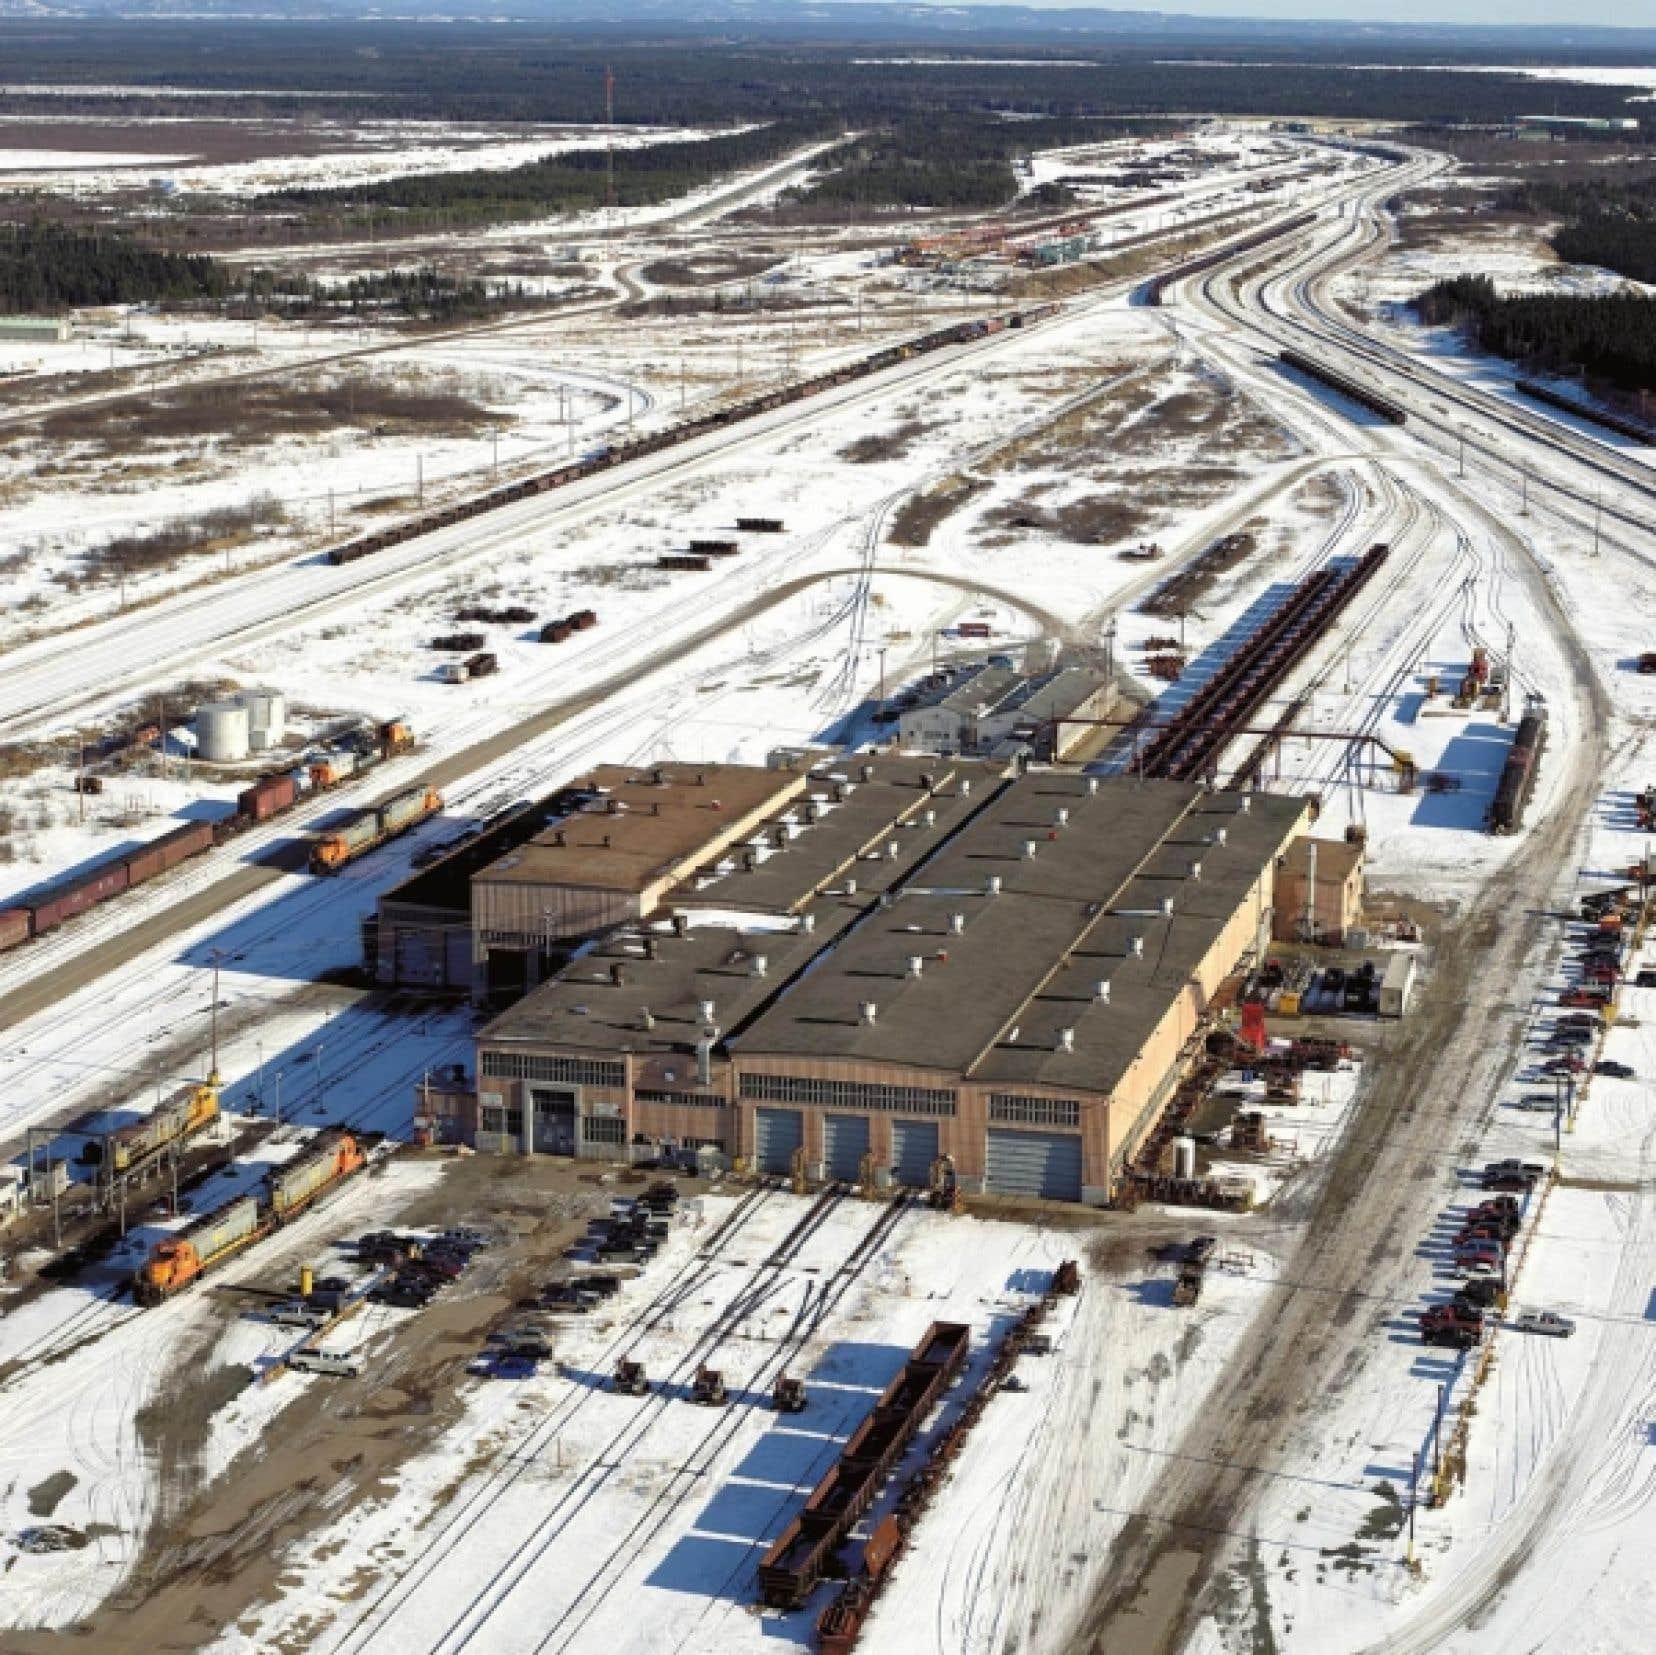 Vue aérienne de l'atelier d'entretien des locomotives et des wagons de la compagnie minière IOC, à Sept-Îles